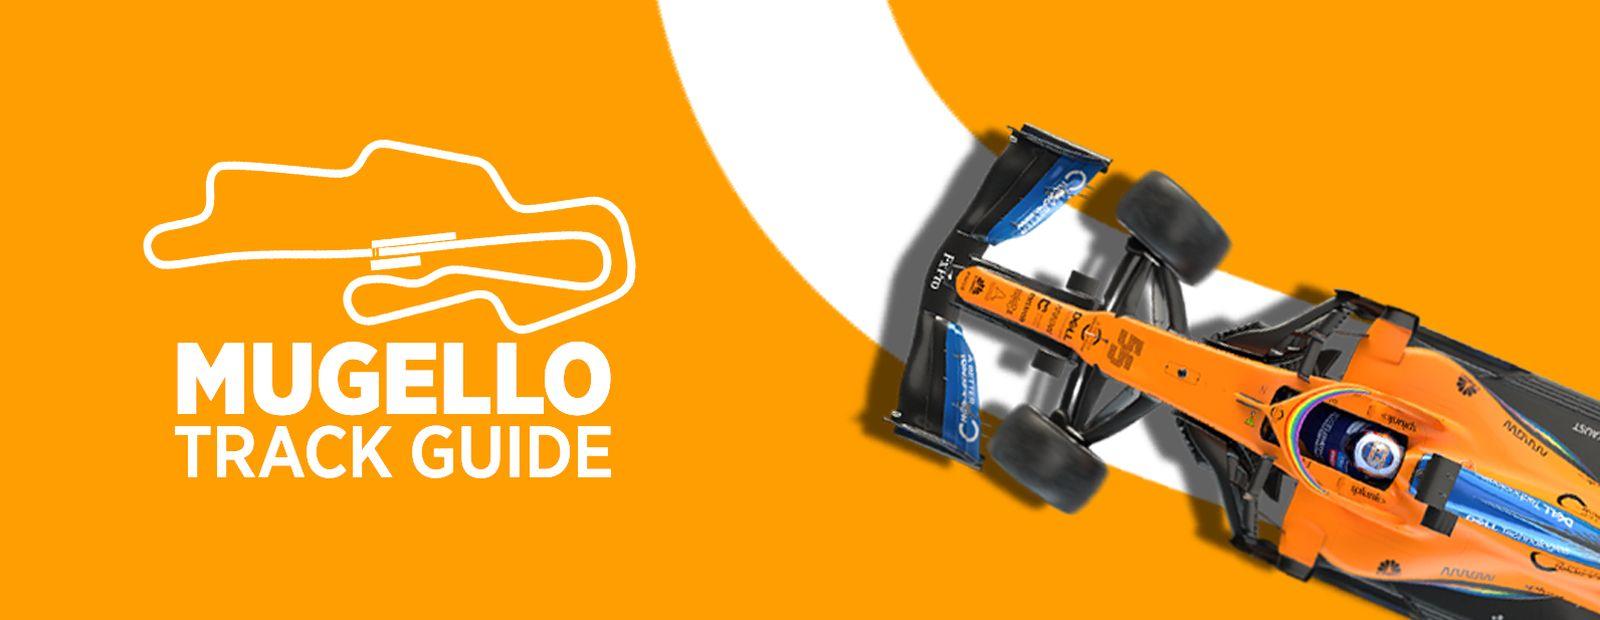 Mugello track guide